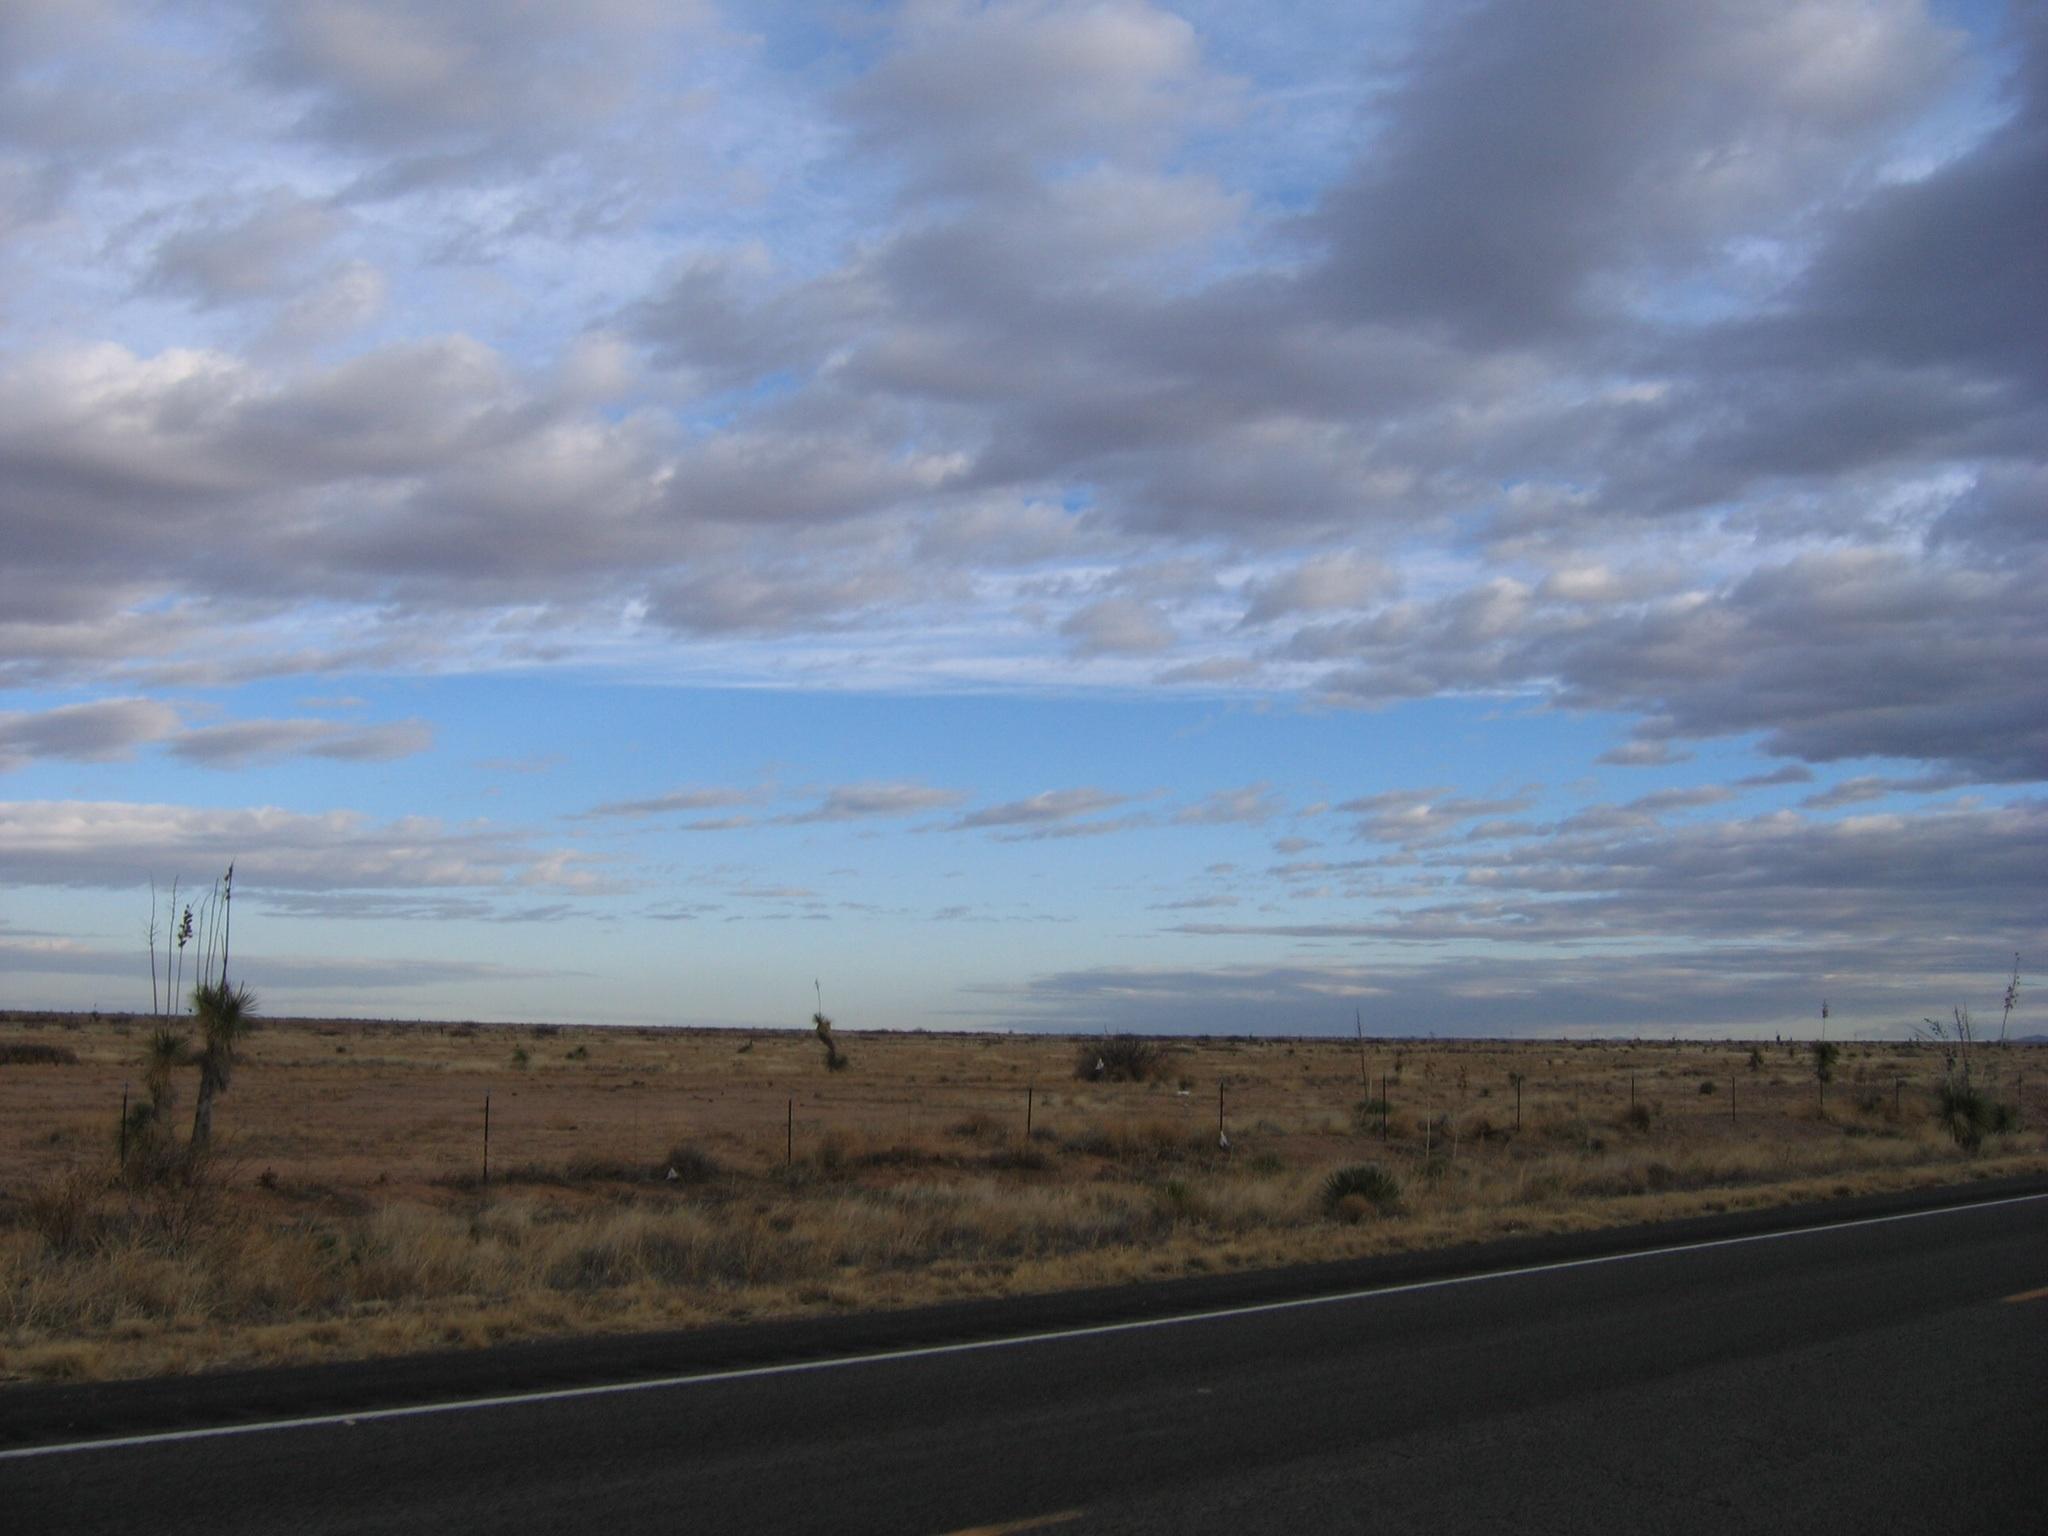 Early morning sky looking back towards Lordsburg at 7:30 this morning